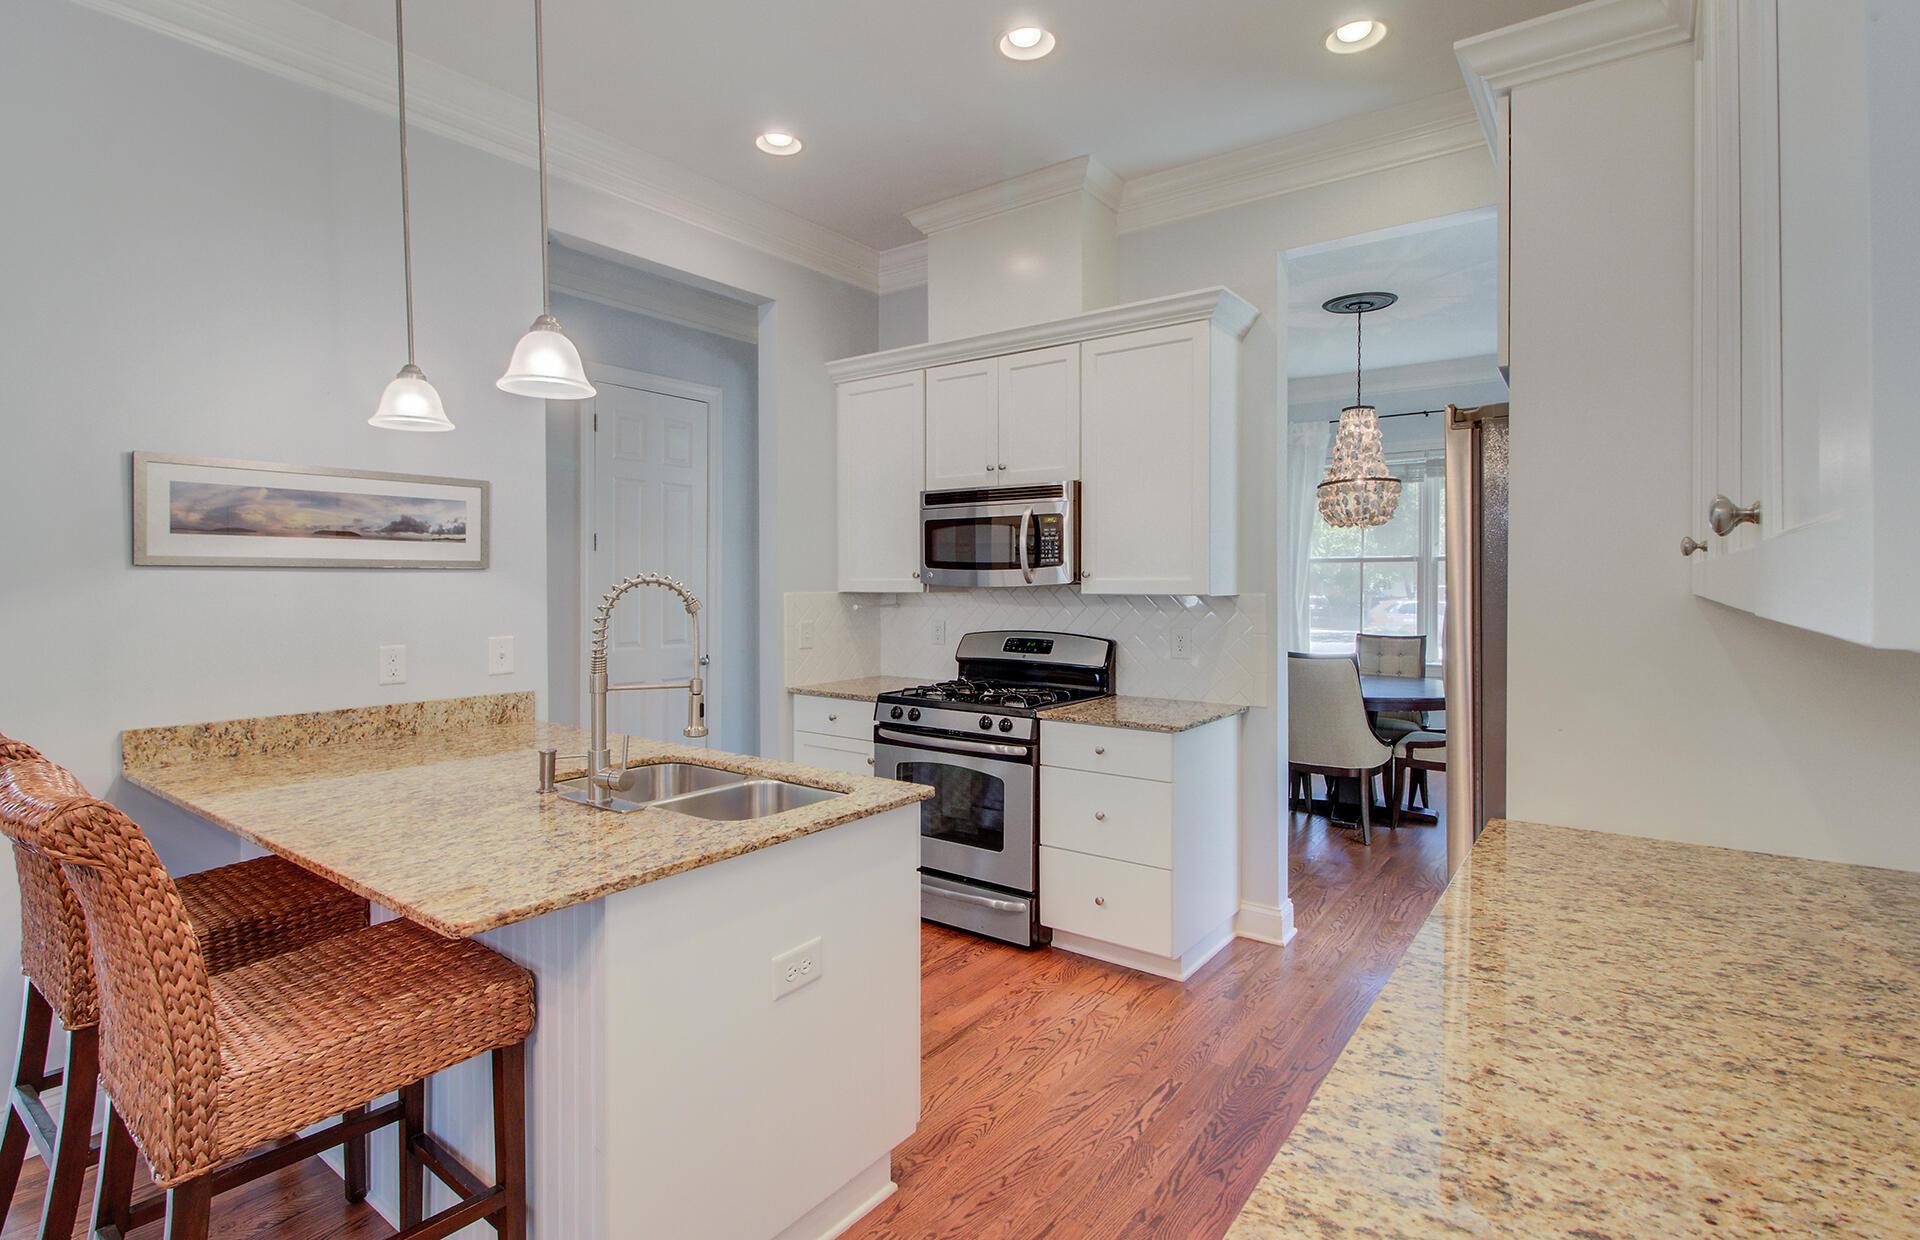 Phillips Park Homes For Sale - 1129 Phillips Park, Mount Pleasant, SC - 15